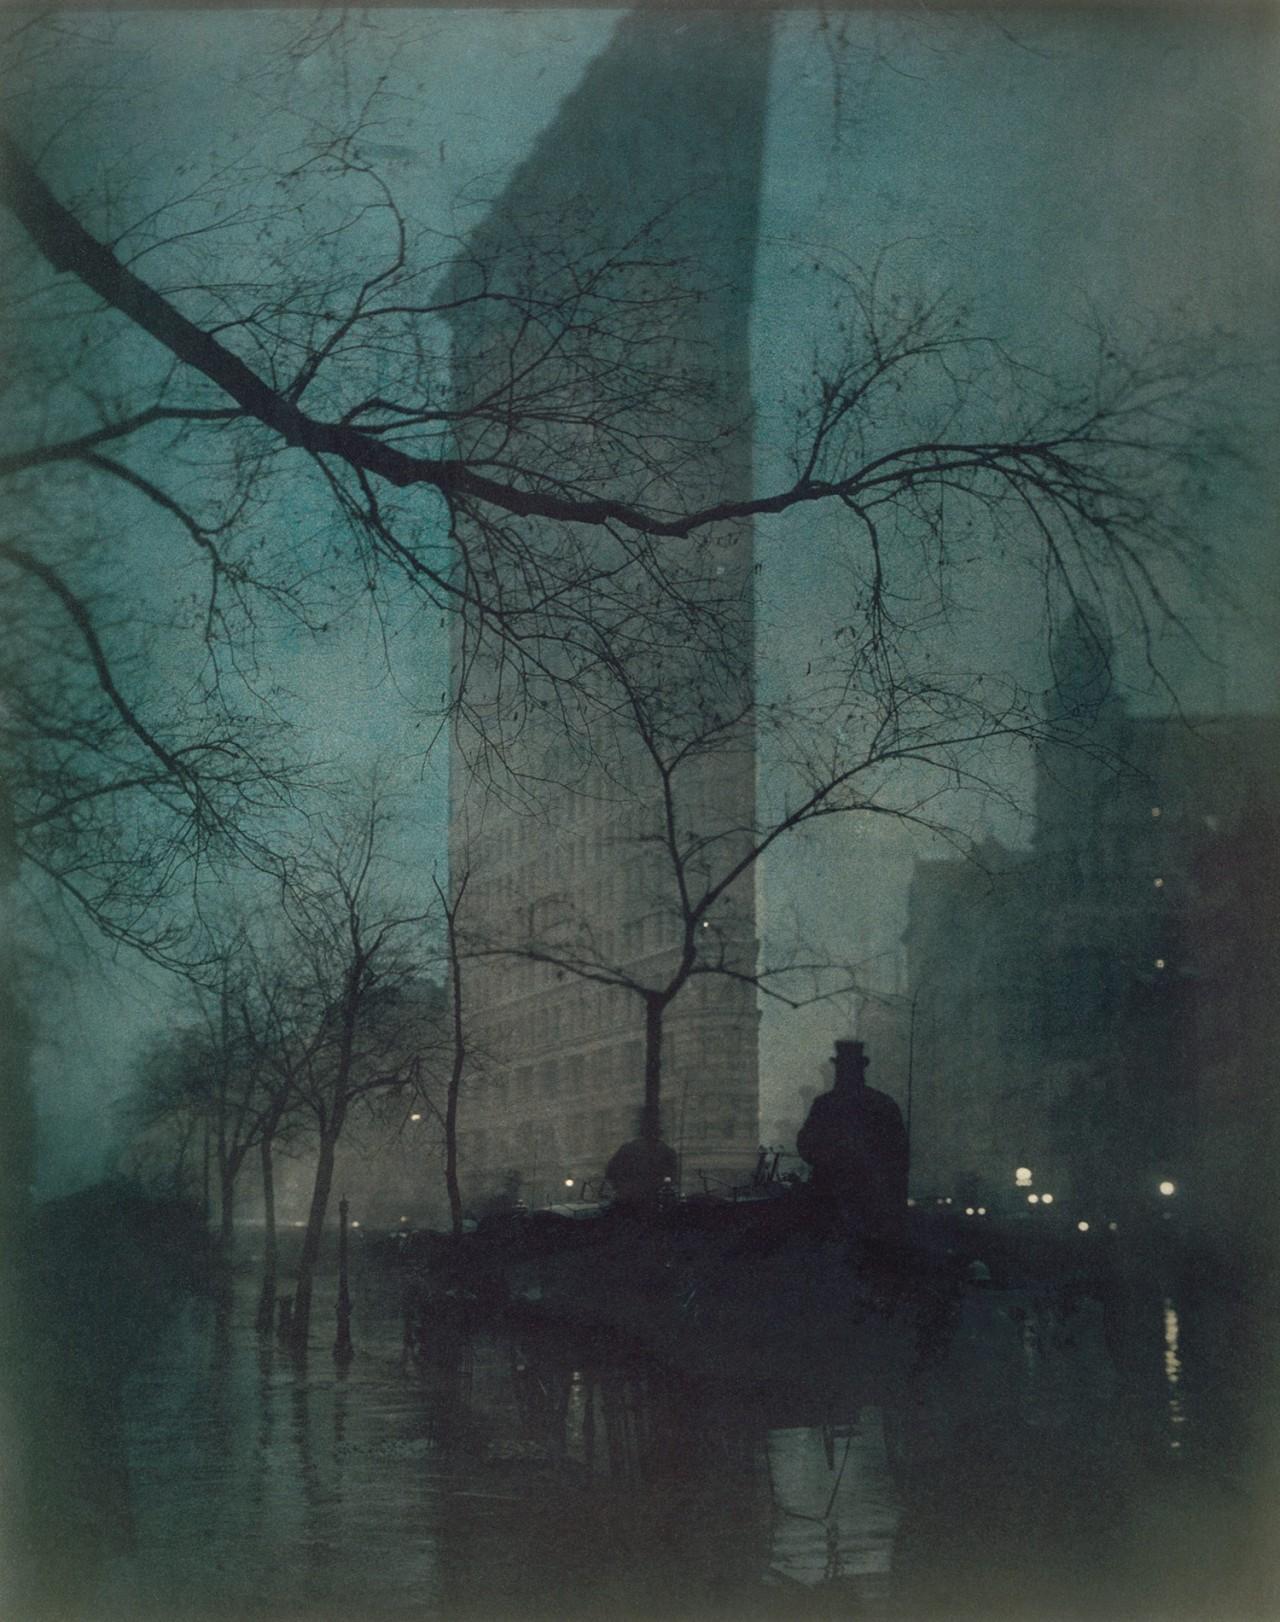 Флэтайрон-билдин, Нью-Йорк, 1904. Фотограф Эдвард Стейхен